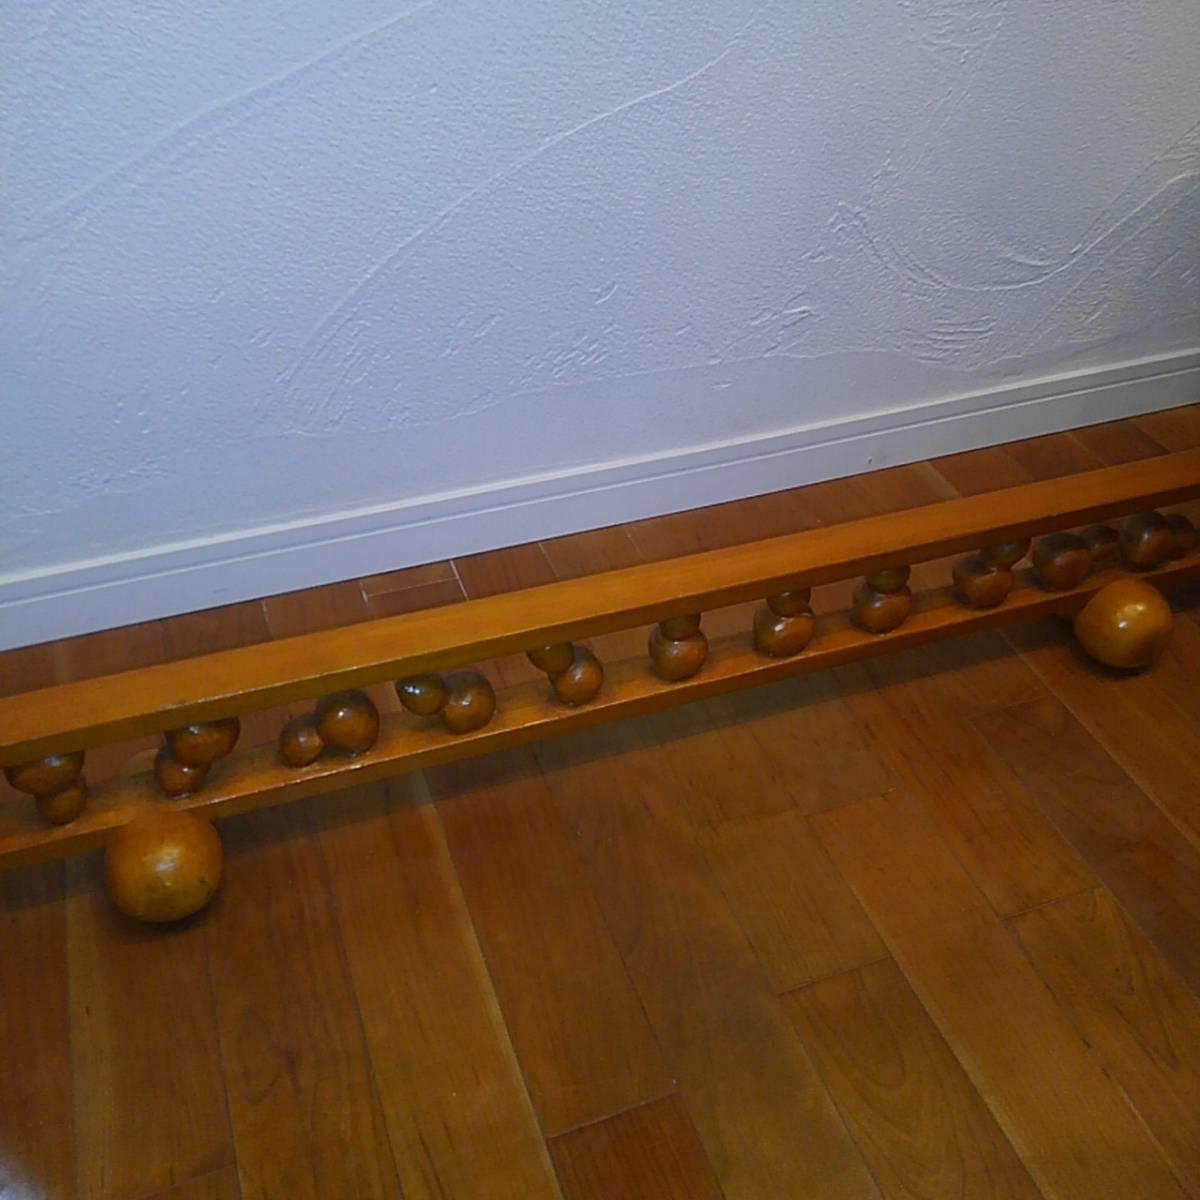 ◆幸◆ 木彫り 結界 瓢箪 約104.5cm×14cm(高さ)×12cm(奥行)_画像6